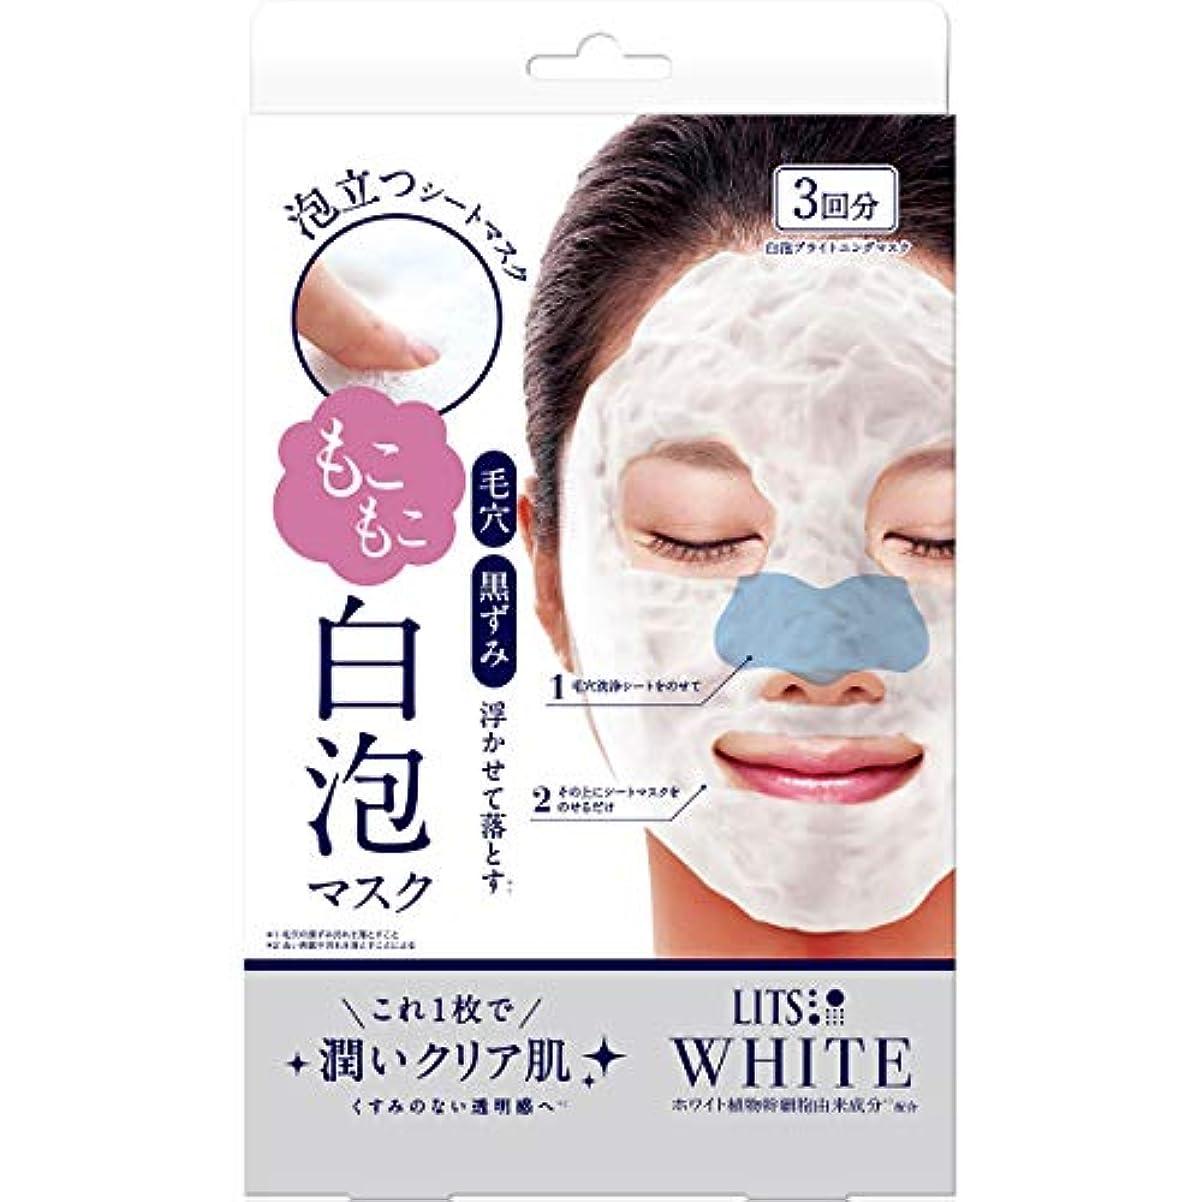 ブルジョンずらす気がついてリッツ ホワイト もこもこ白泡マスク 3枚